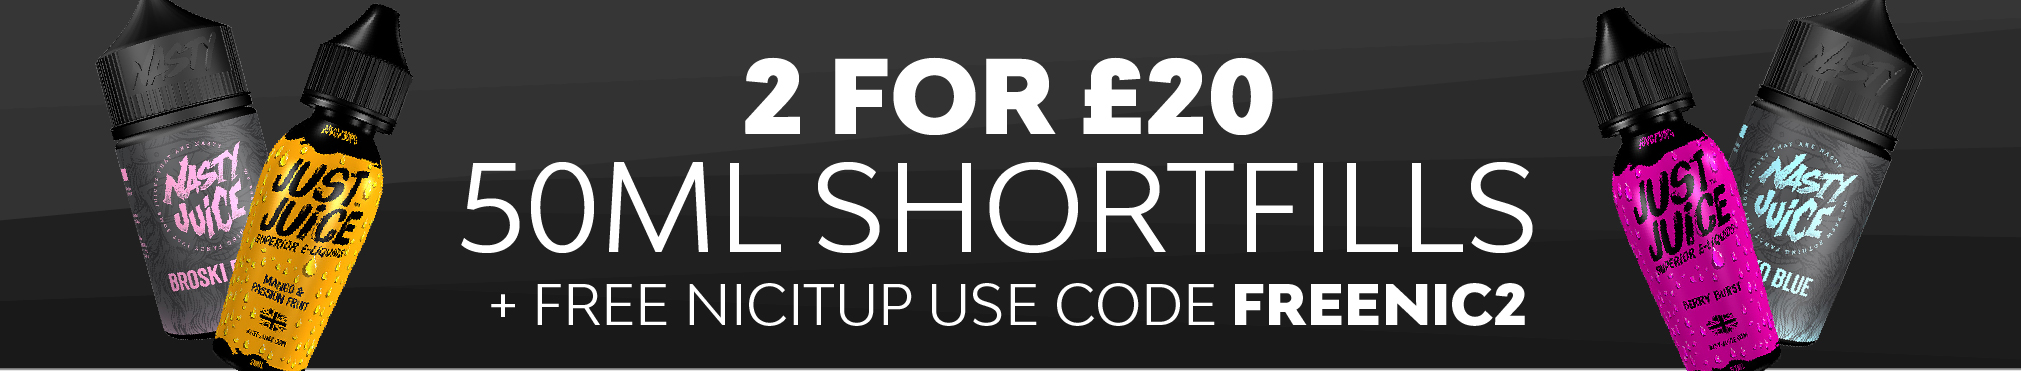 Shortfills 2 for £20